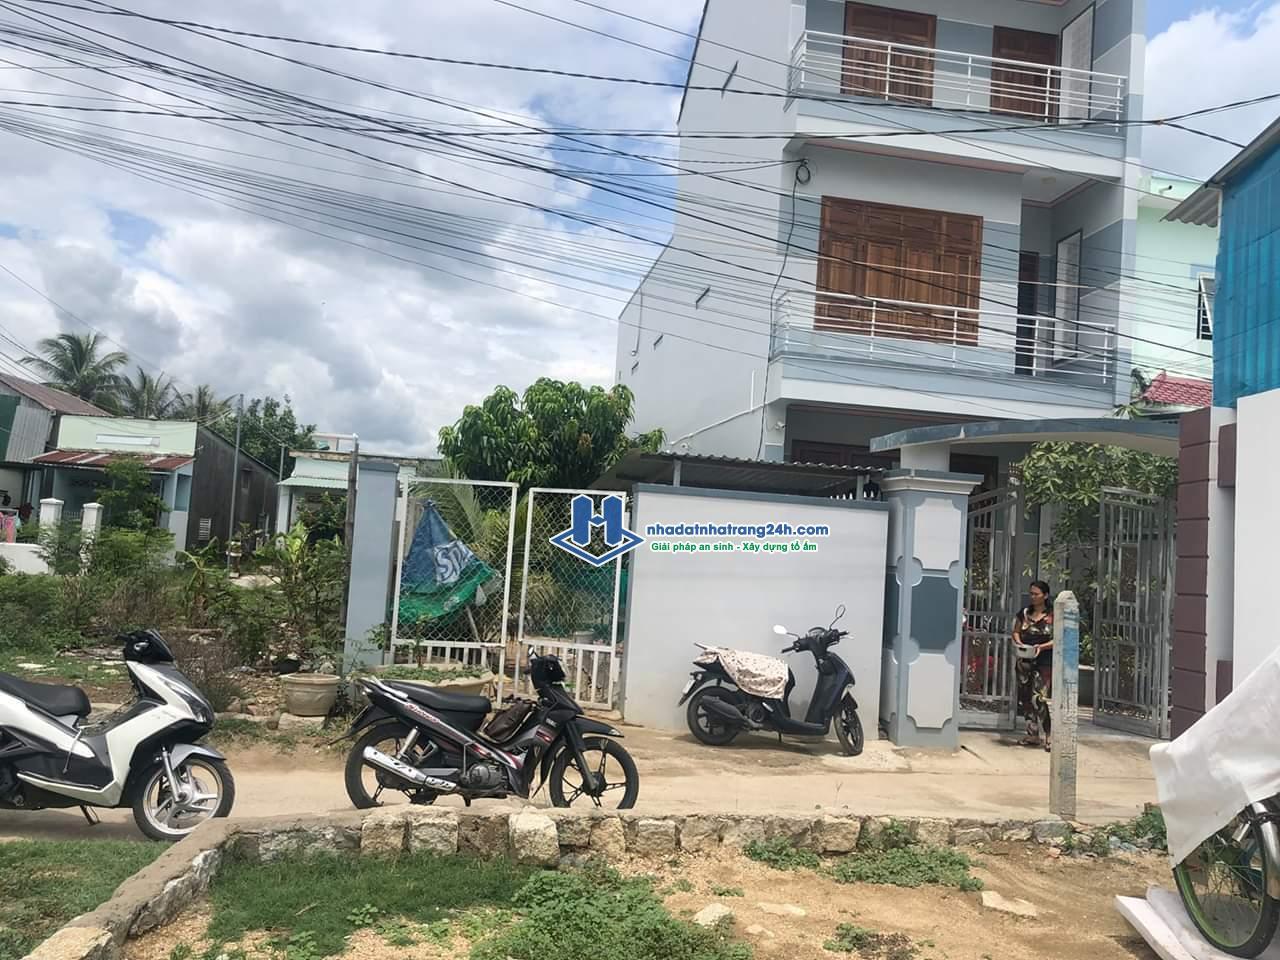 Bán đất hẻm Liên Hoa, Xã Vĩnh Ngọc, Nha Trang